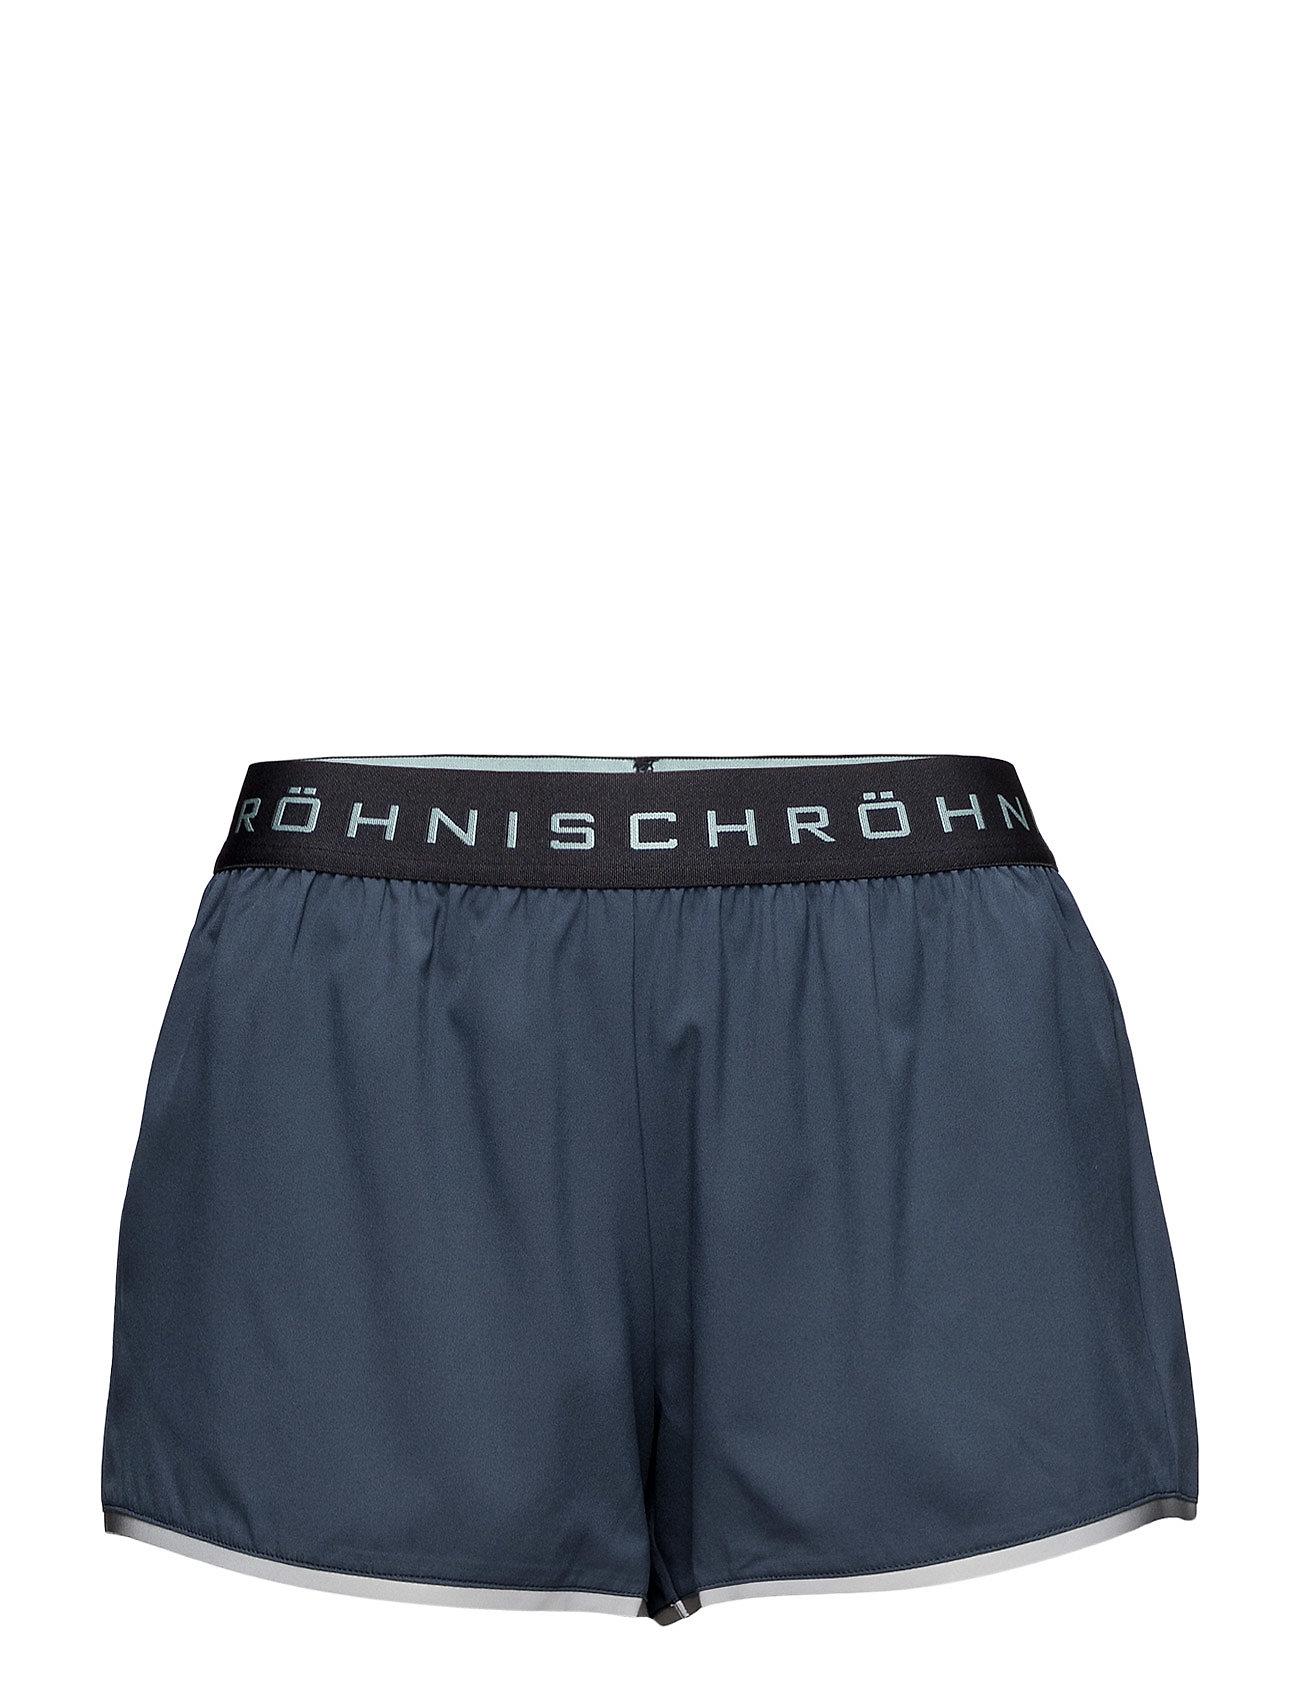 Hannah Shorts Röhnisch Tränings Shorts